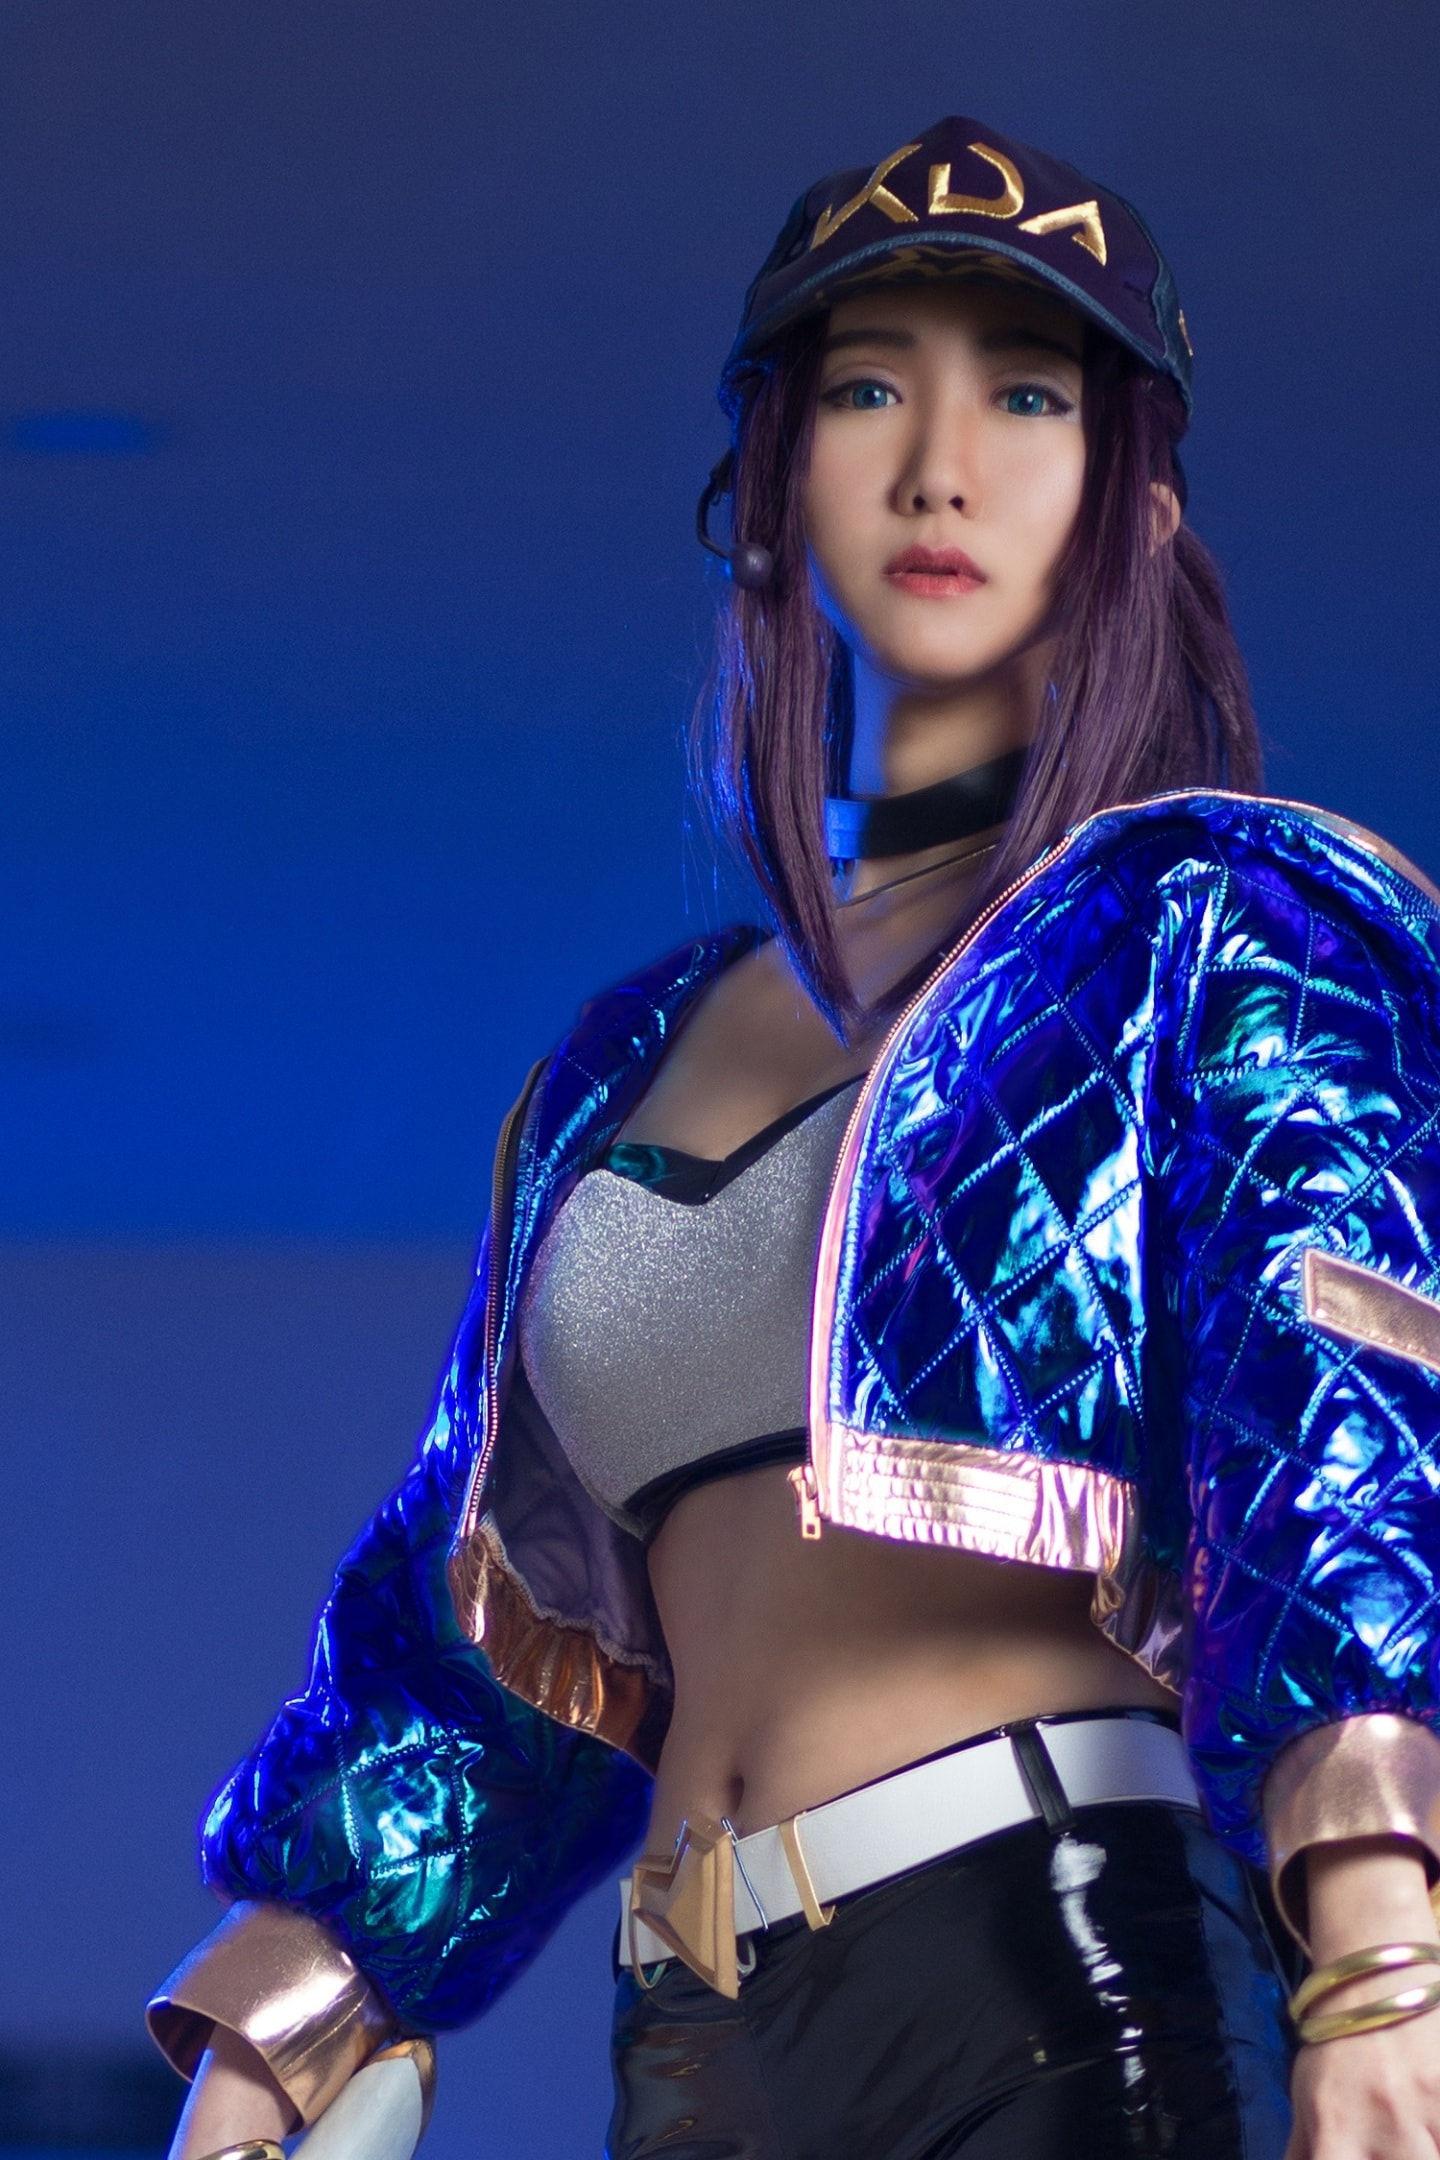 英雄联盟kda阿卡丽cosplay插图(1)